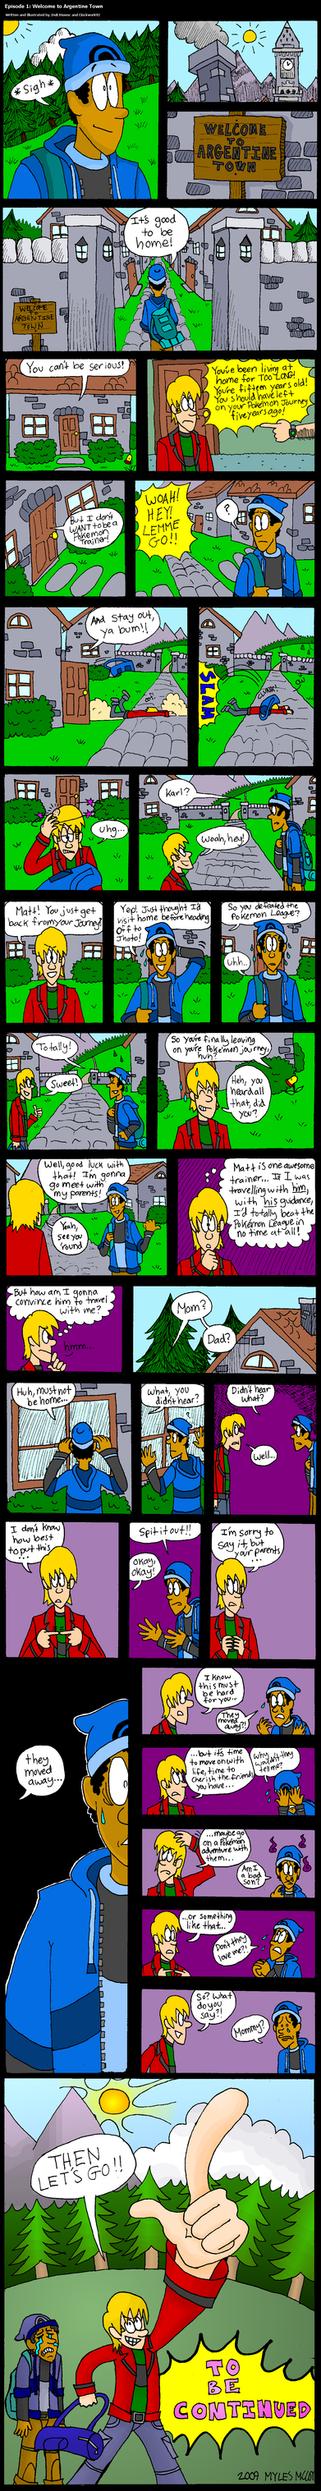 Matt and Karl: Episode 1 by 2ndLtHavoc